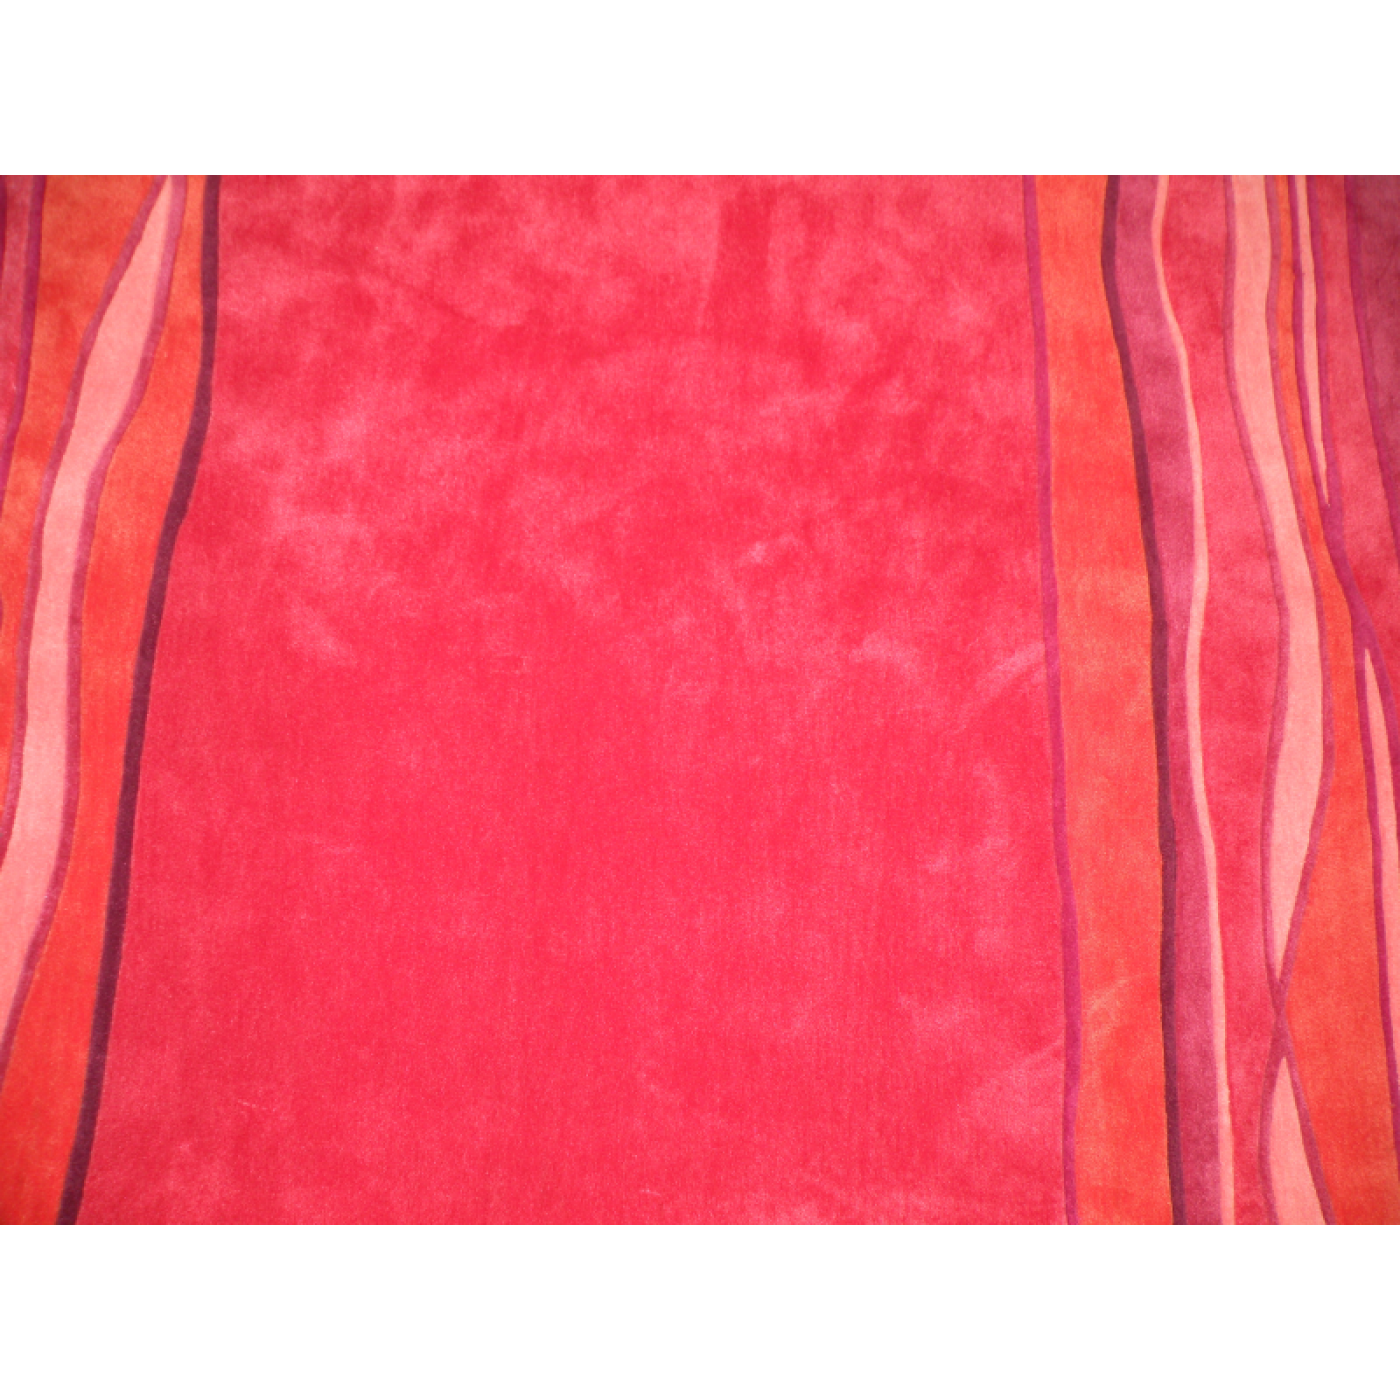 Vloerkleed maat 170 x 240 Karpet 49